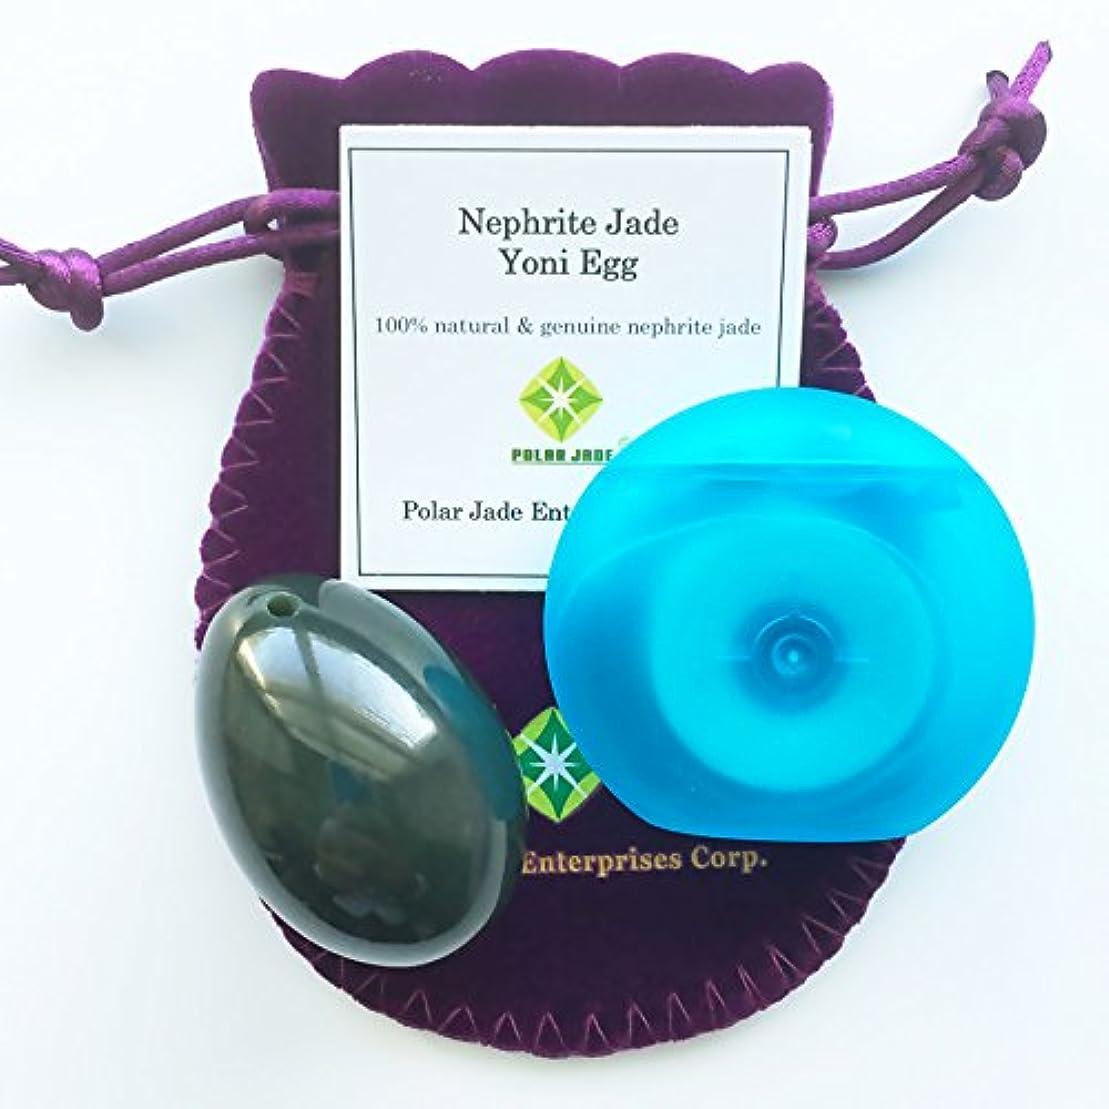 ブース見落とす地理ネフライト翡翠卵(ジェイドエッグ)、紐穴あり、ワックス加工のされていないデンタルフロス一箱同梱、品質証明書及びエッグ?エクササイズの使用説明書(英語)付き、パワーストーンとしても好適 (Nephrite Jade Egg...